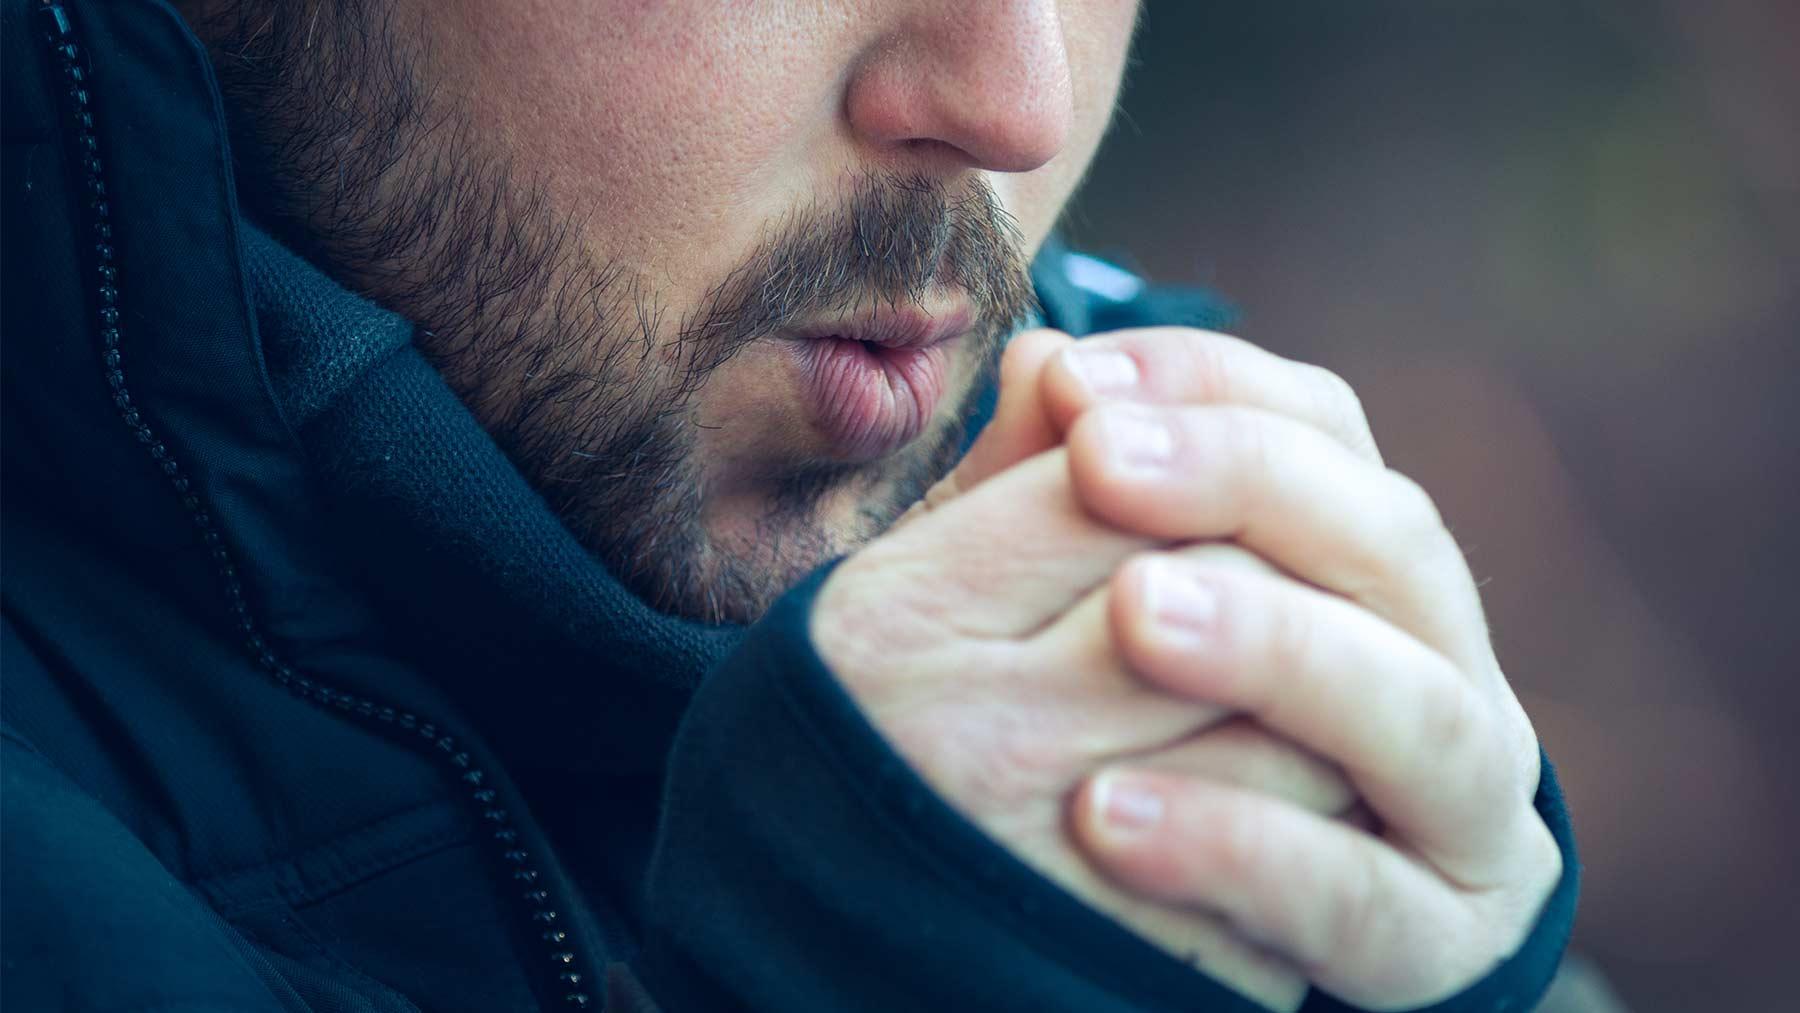 ما أسباب برودة اليدين وما علاجها - الأجواء الدافئة أو المعتدلة - الشريان الزندي والكعبري - انقباض العضلات المحيطة بالشرايين